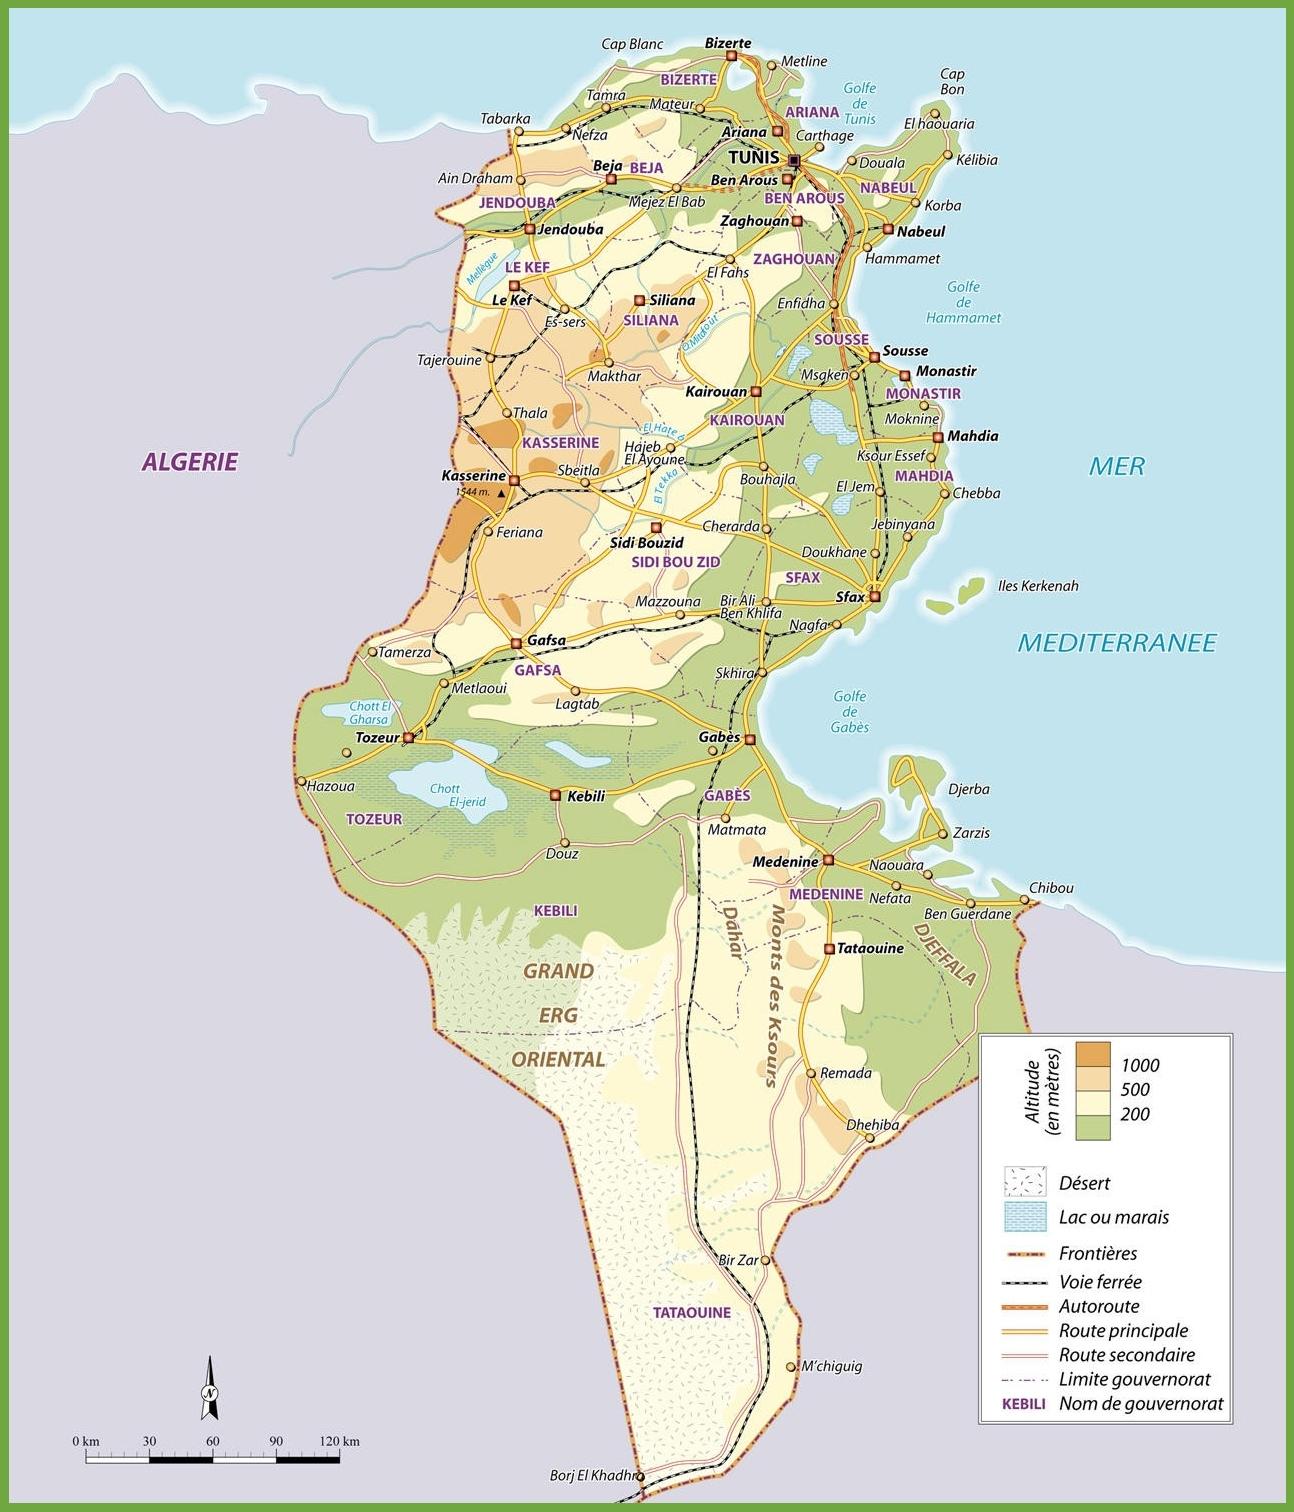 Tunisia road map tunisia road map sciox Images